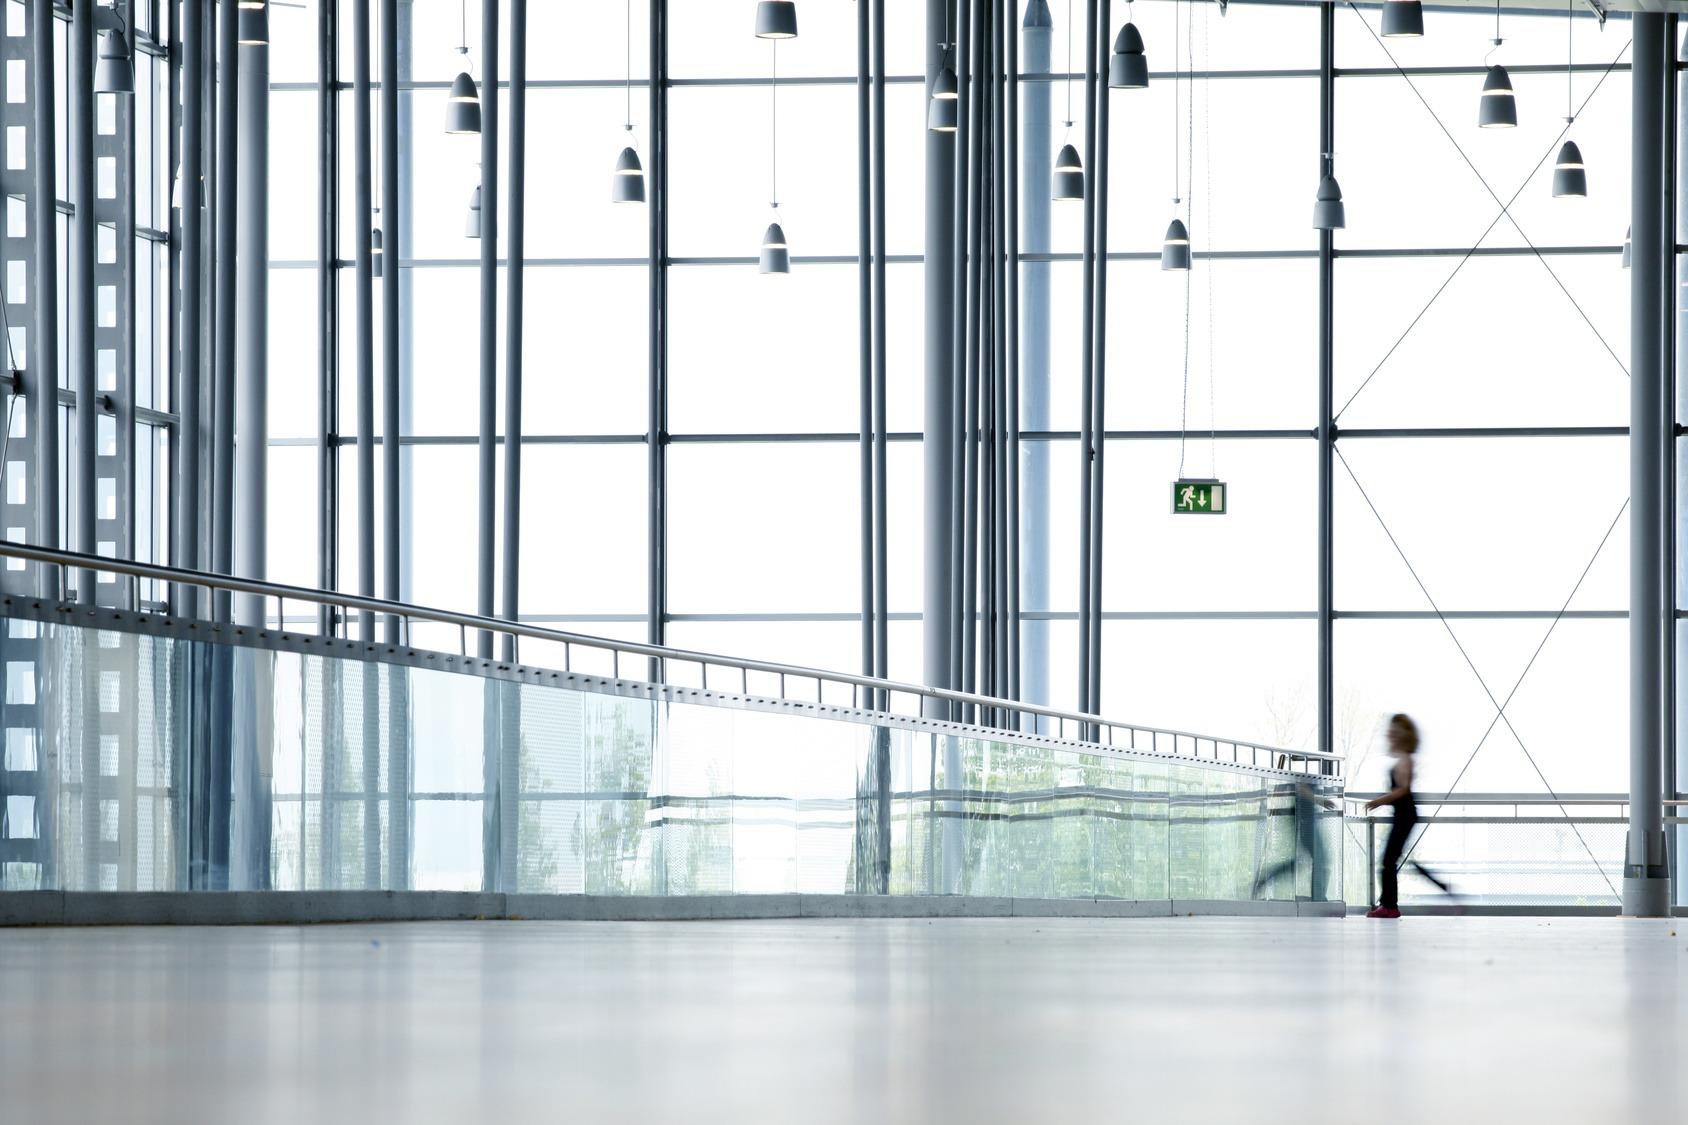 Ein modernes Bürogebäude aus Glas. Ansicht von innen.